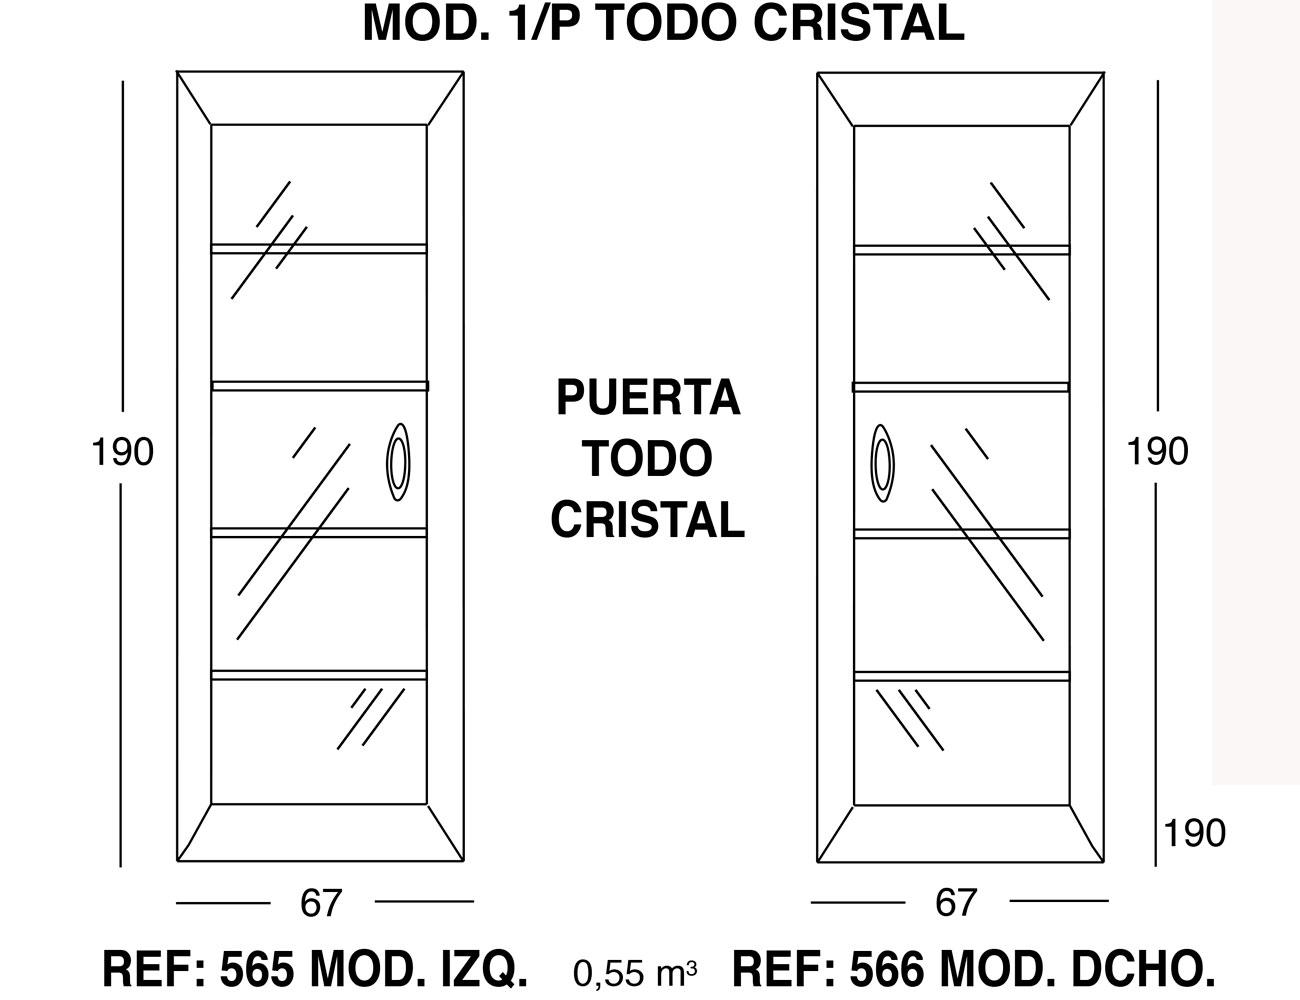 Modulo 1 puerta todo cristal 190 67